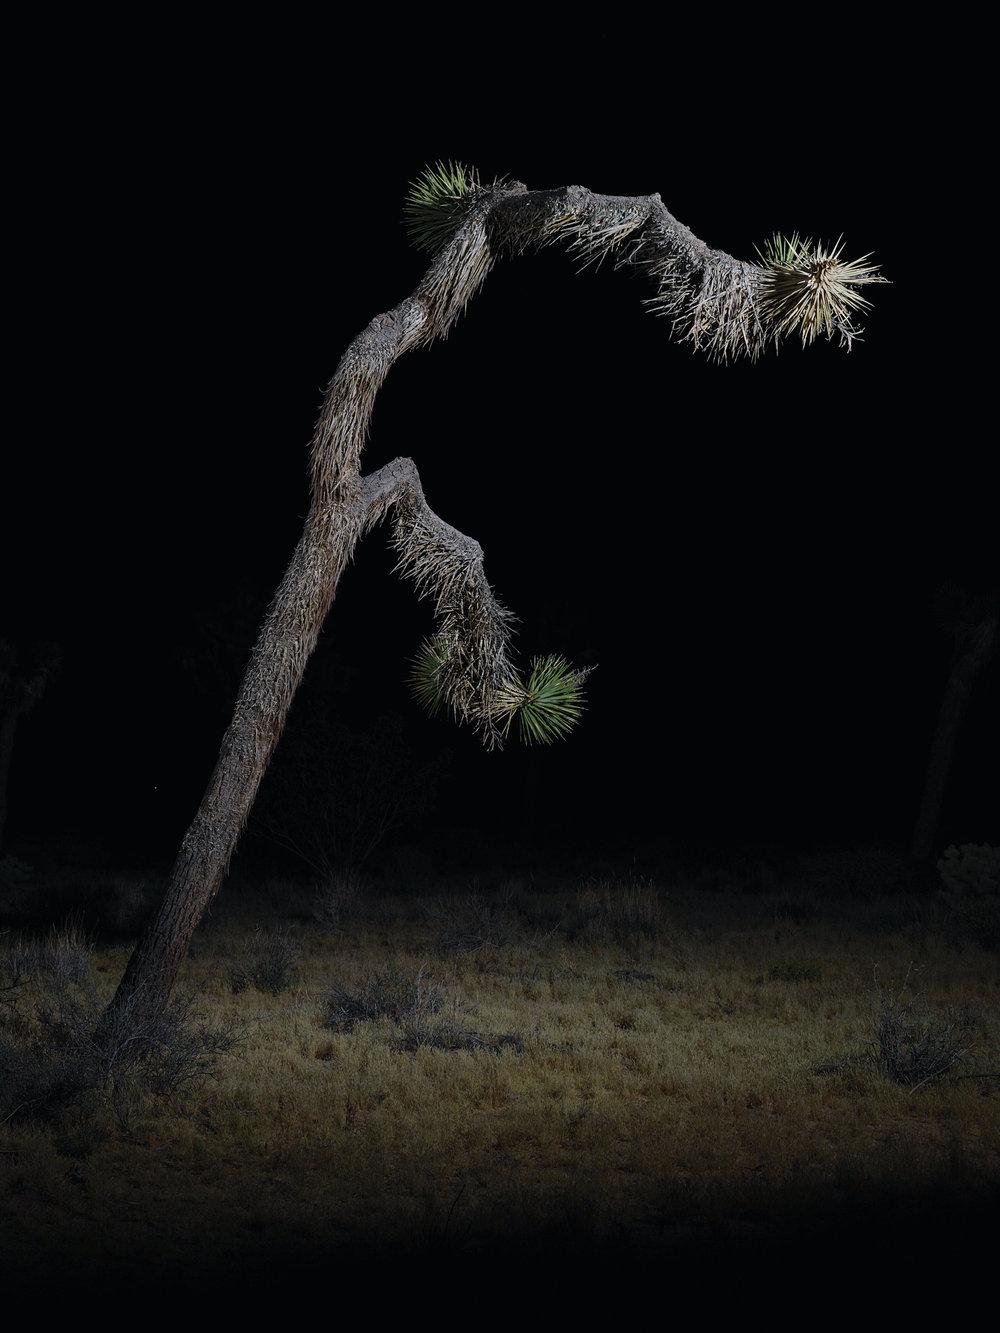 tree #11    70x94 in/180x239cm  1+1AP 60x80 in/152x203cm  2+1AP 45x60 in/114x152cm  3+1AP 30x40 in/75x100cm  5+1AP